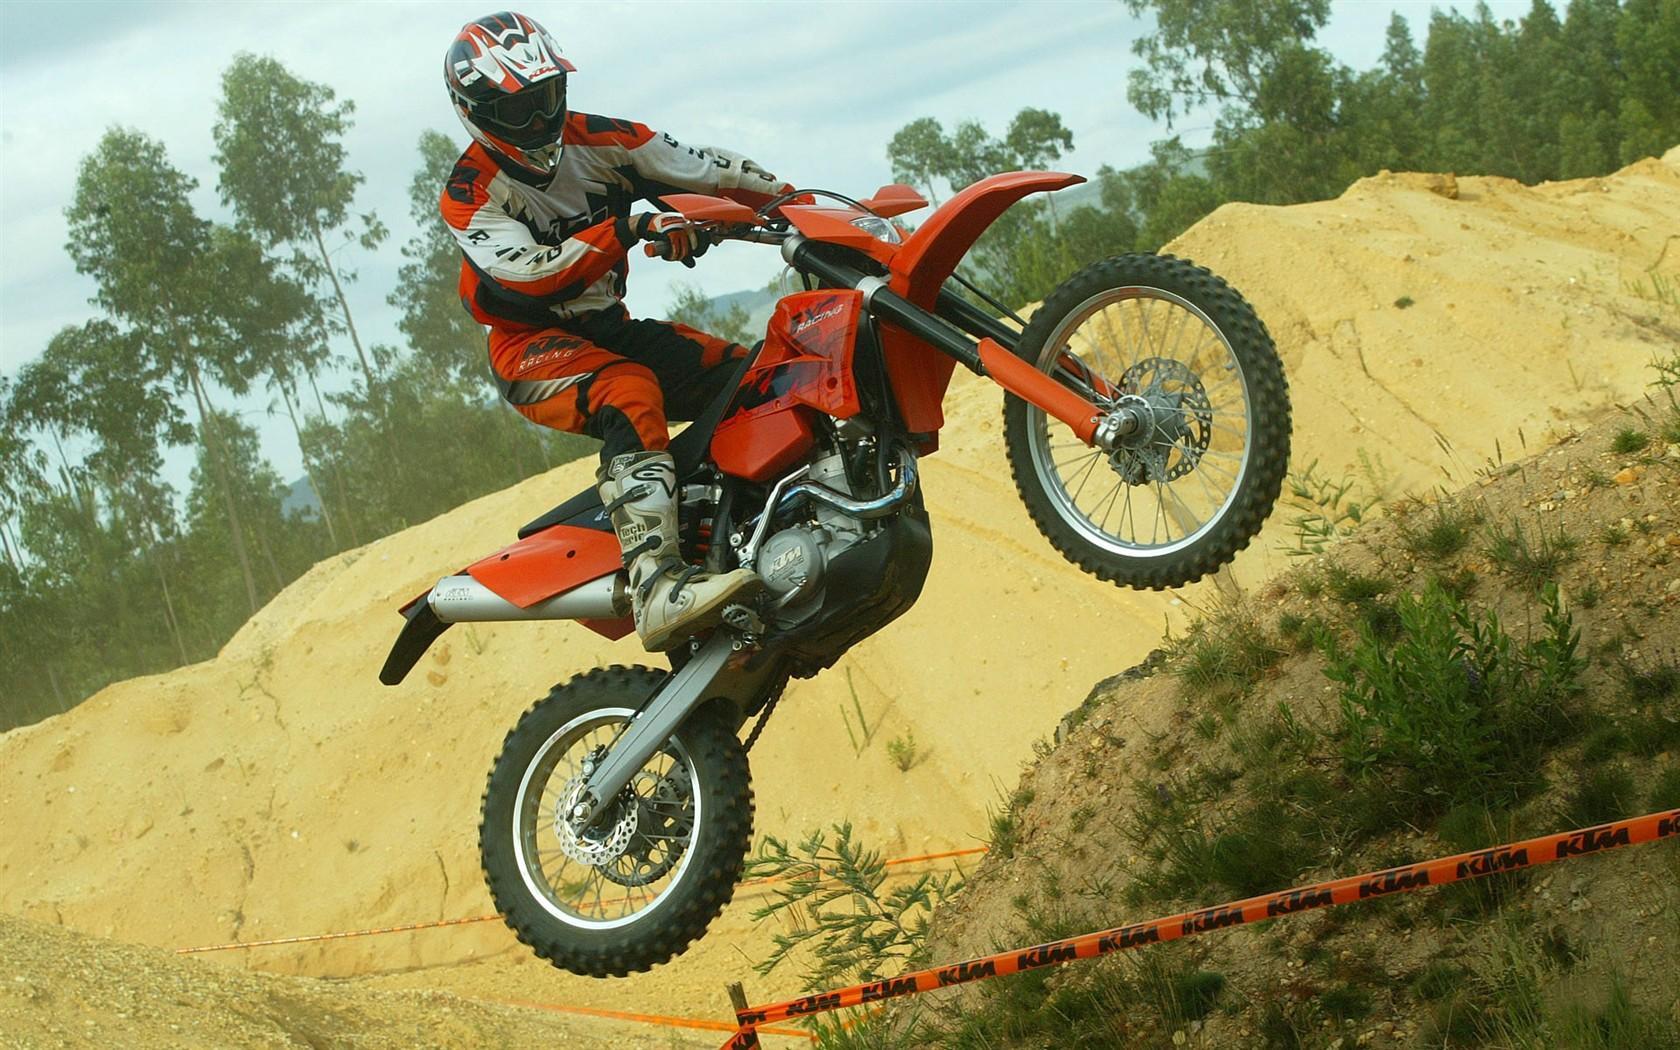 オフロードバイクのhd画像 2 28 1680x1050 壁紙ダウンロード オフロードバイクのhd画像 2 スポーツ 壁紙 V3の 壁紙